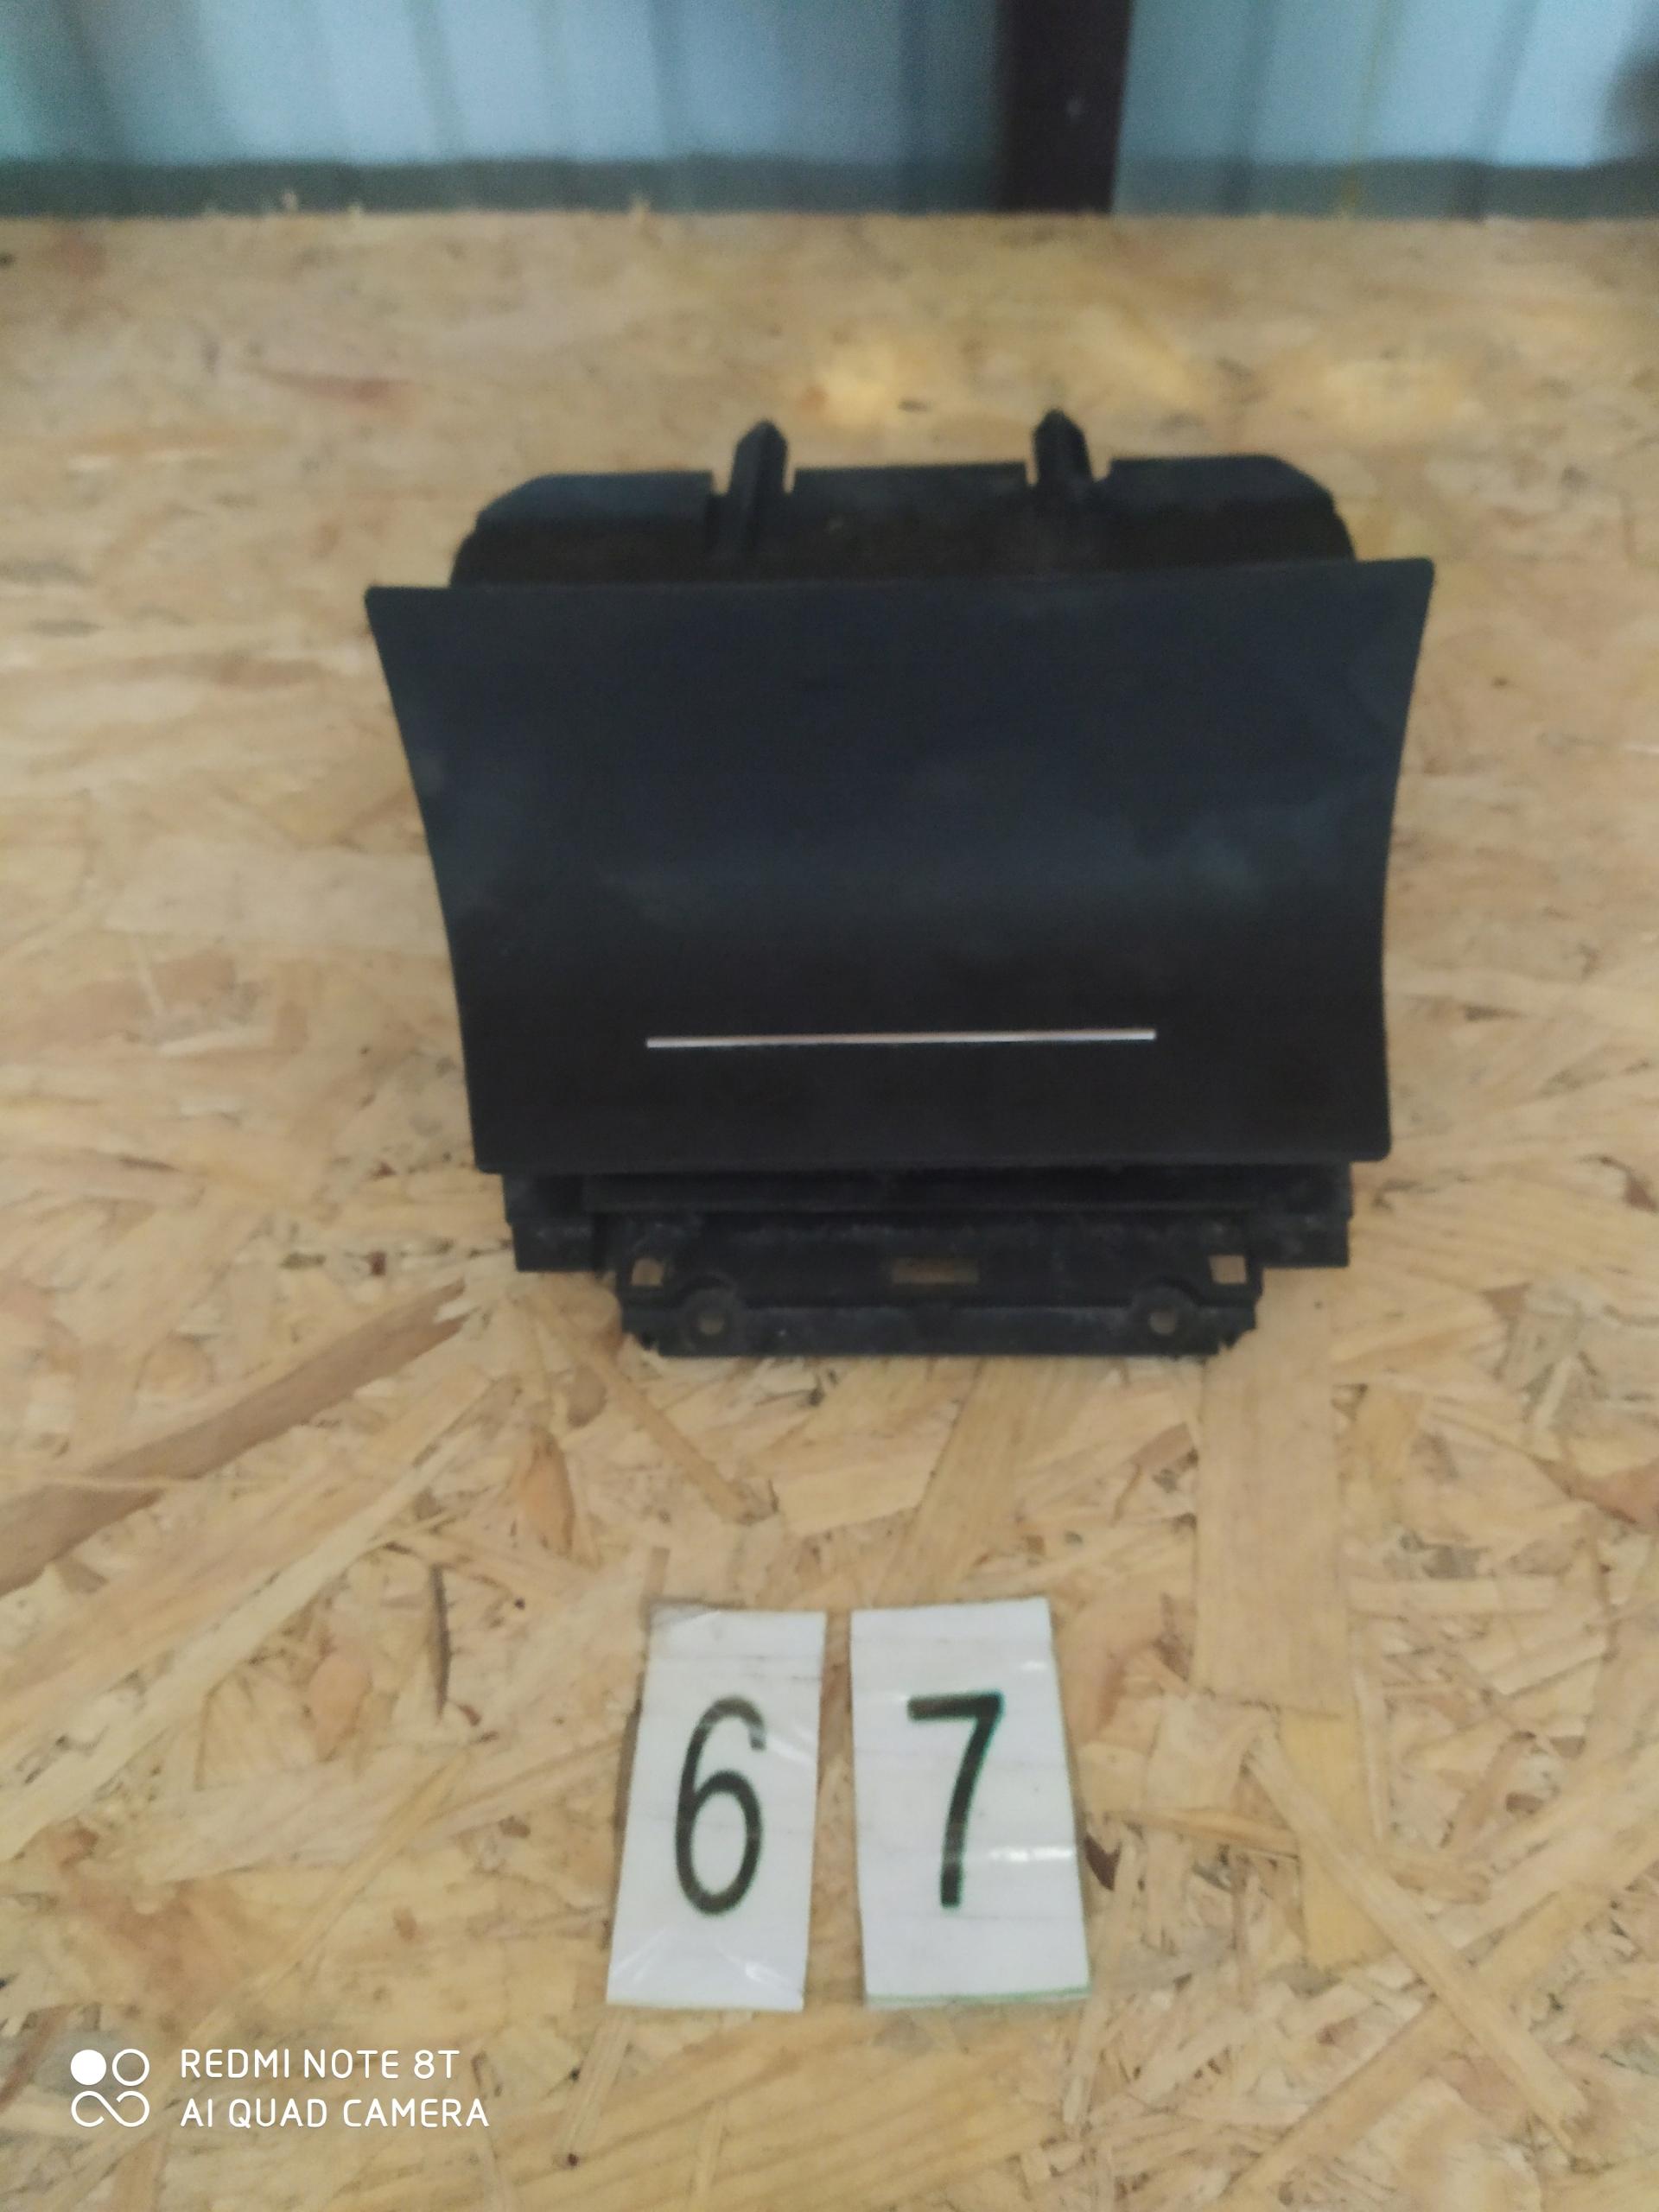 пепельница 1z2 863 077 a octavia ii 14 седан